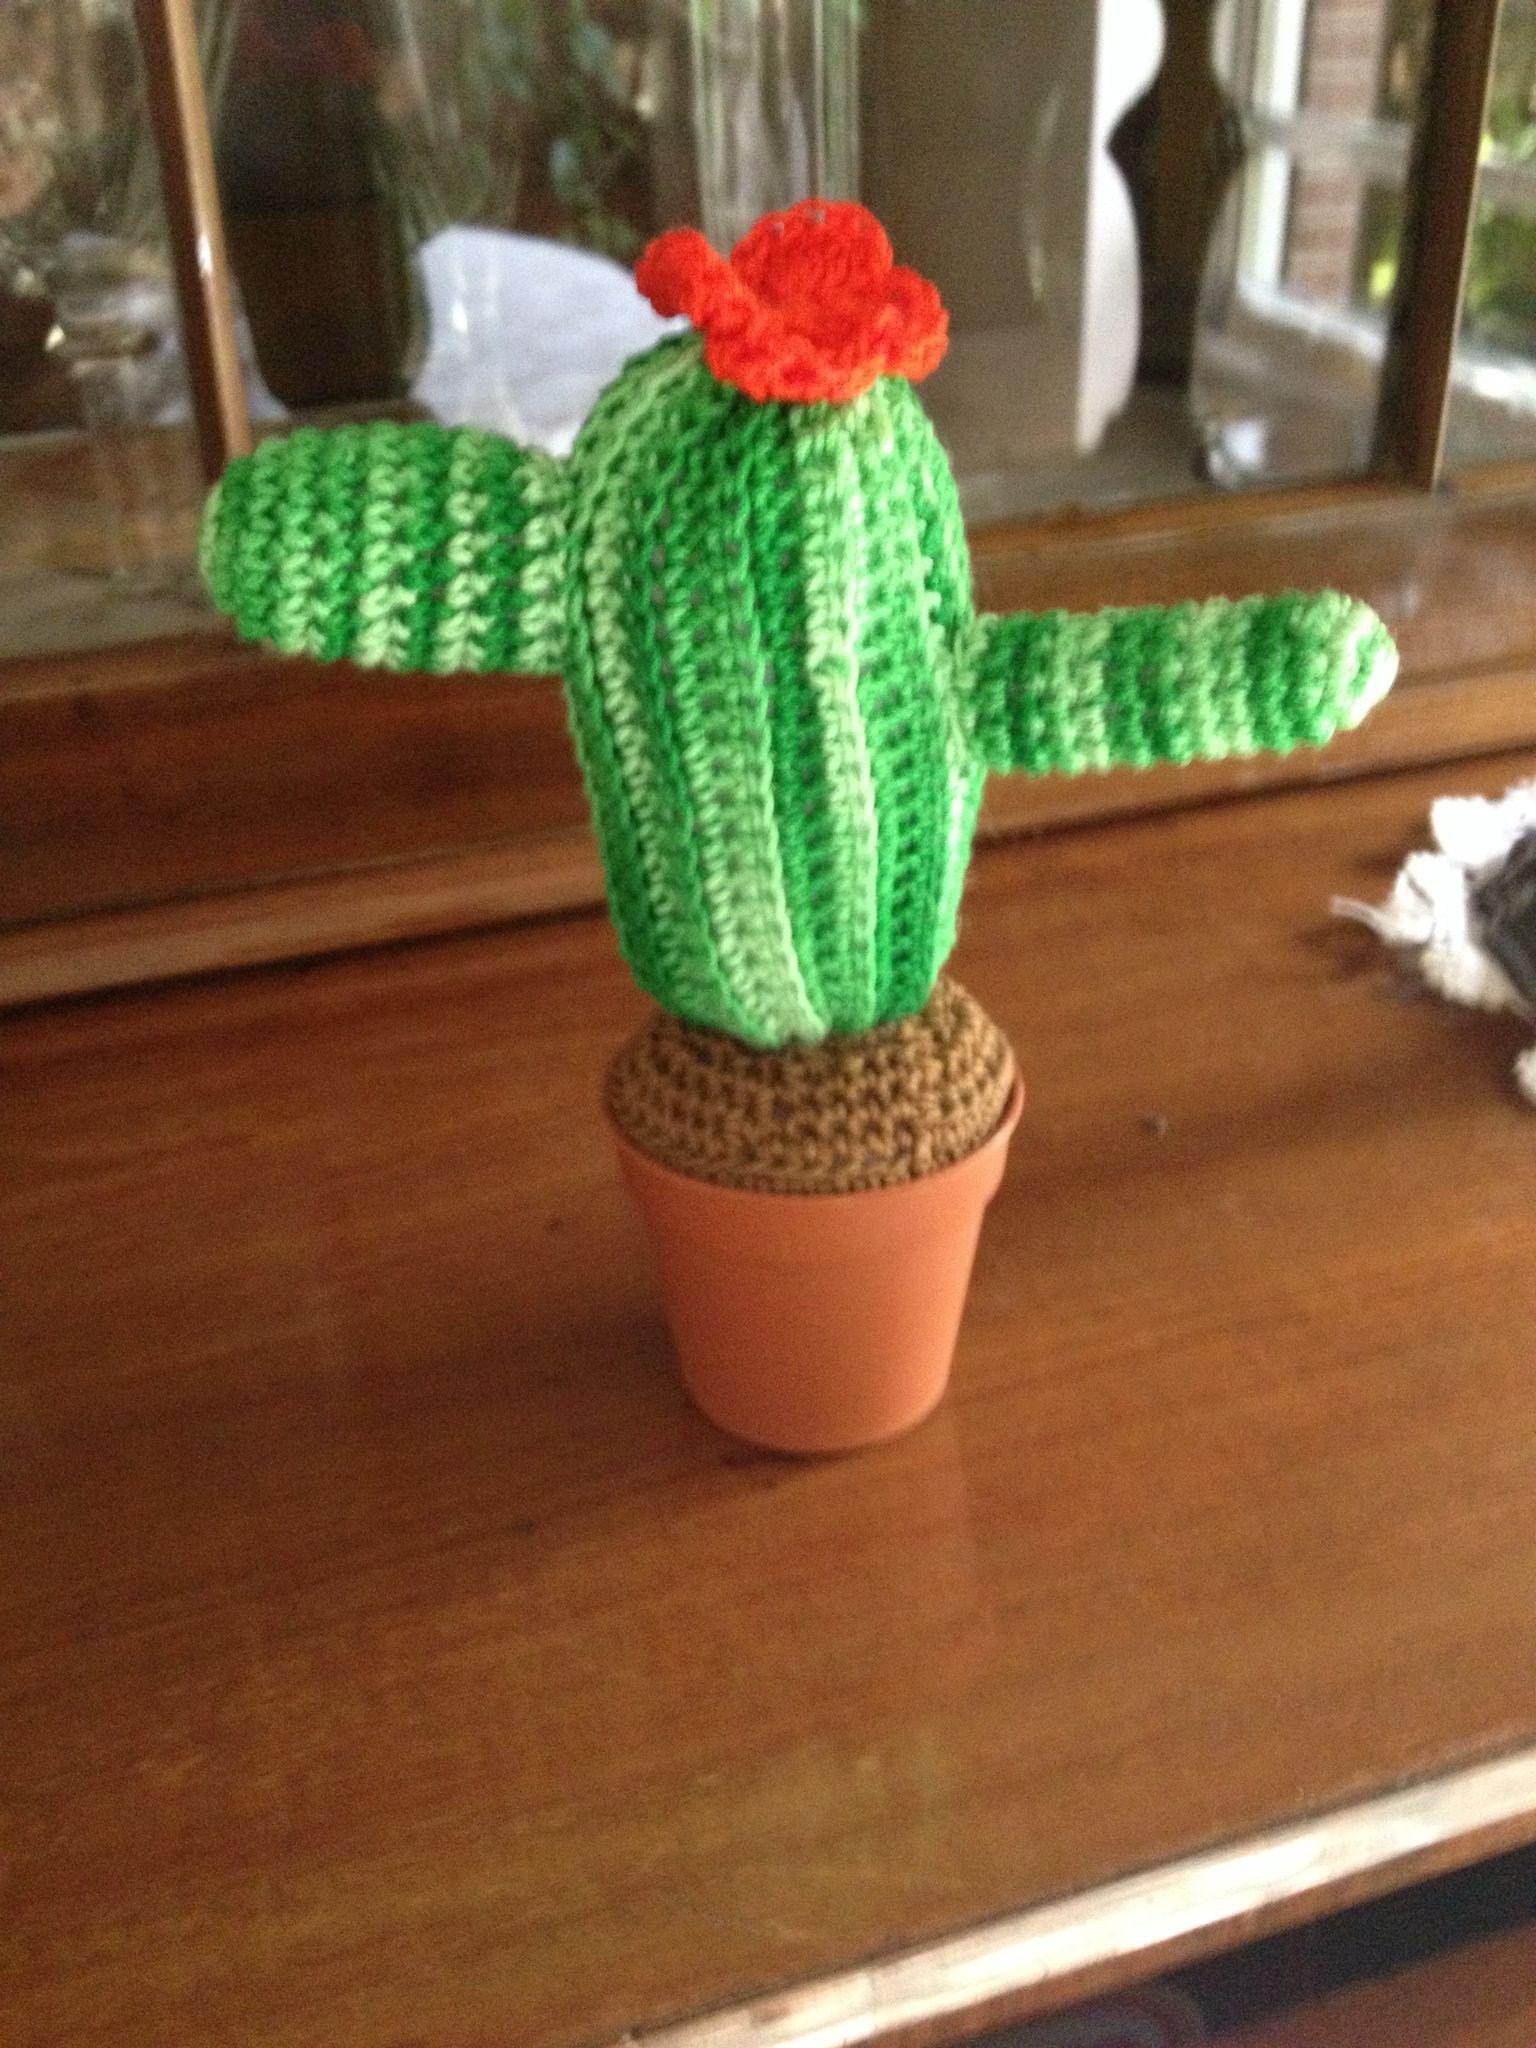 Amigurumi cactus